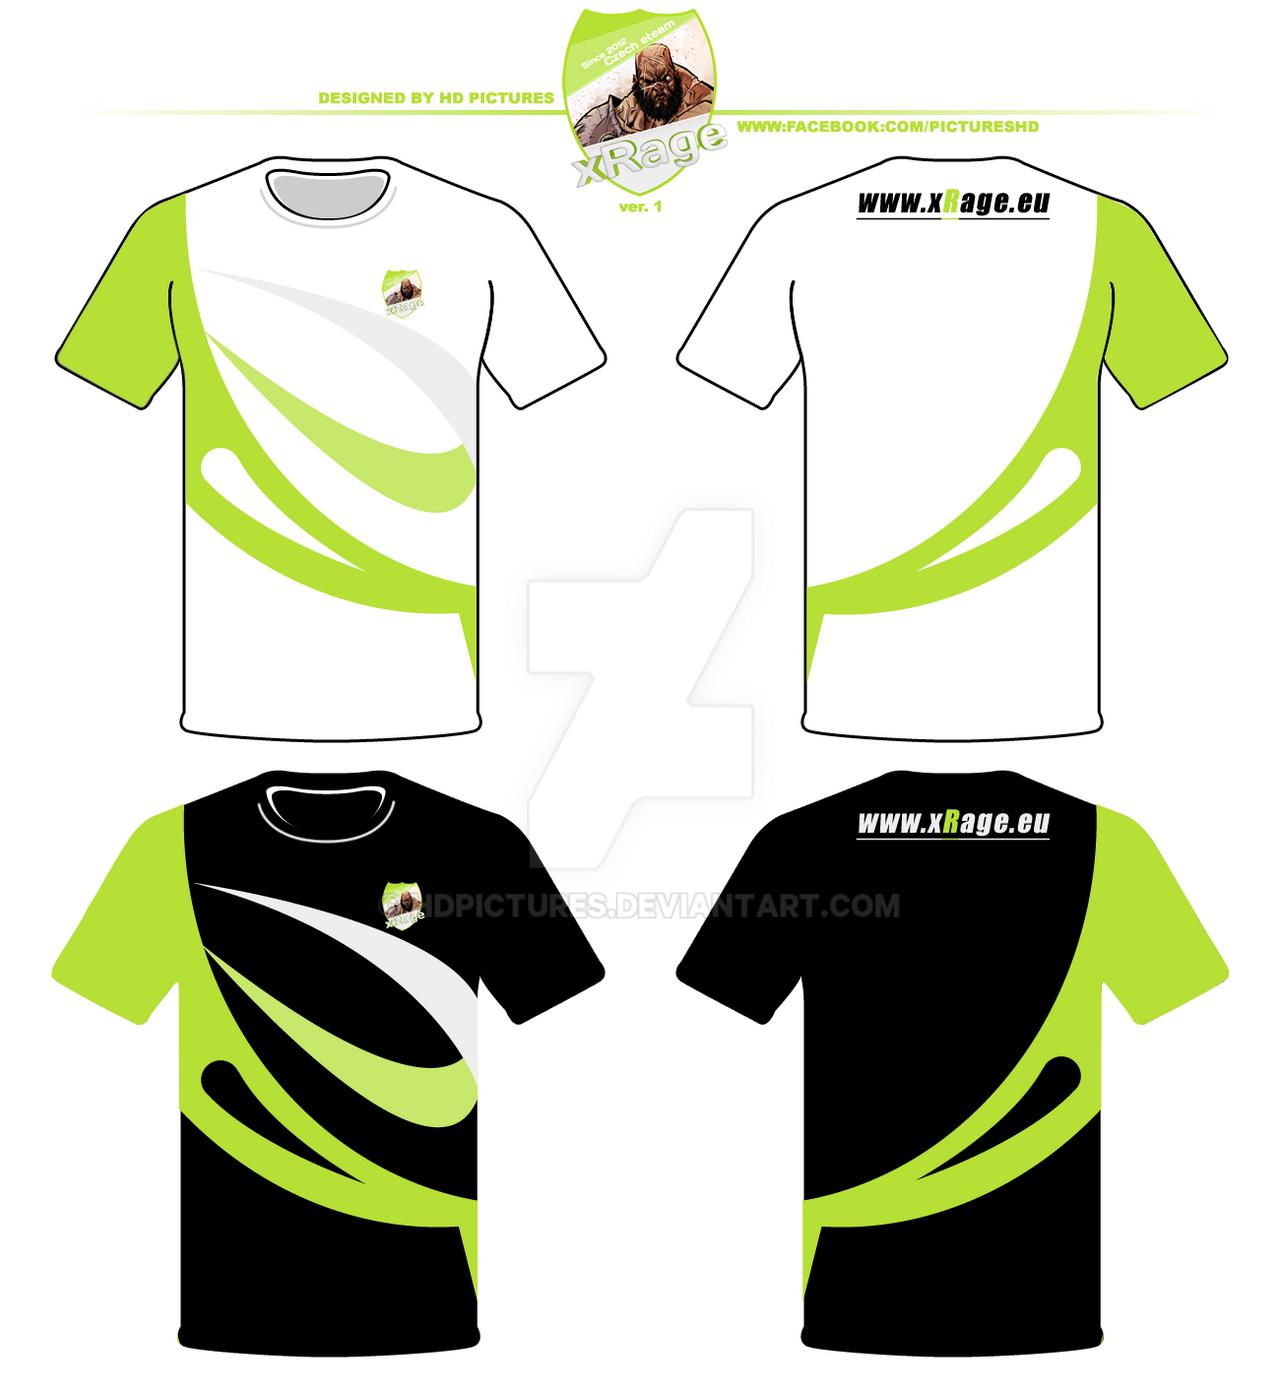 Design team T-Shirts x Rage.eu ver.1 by HDPictures on DeviantArt